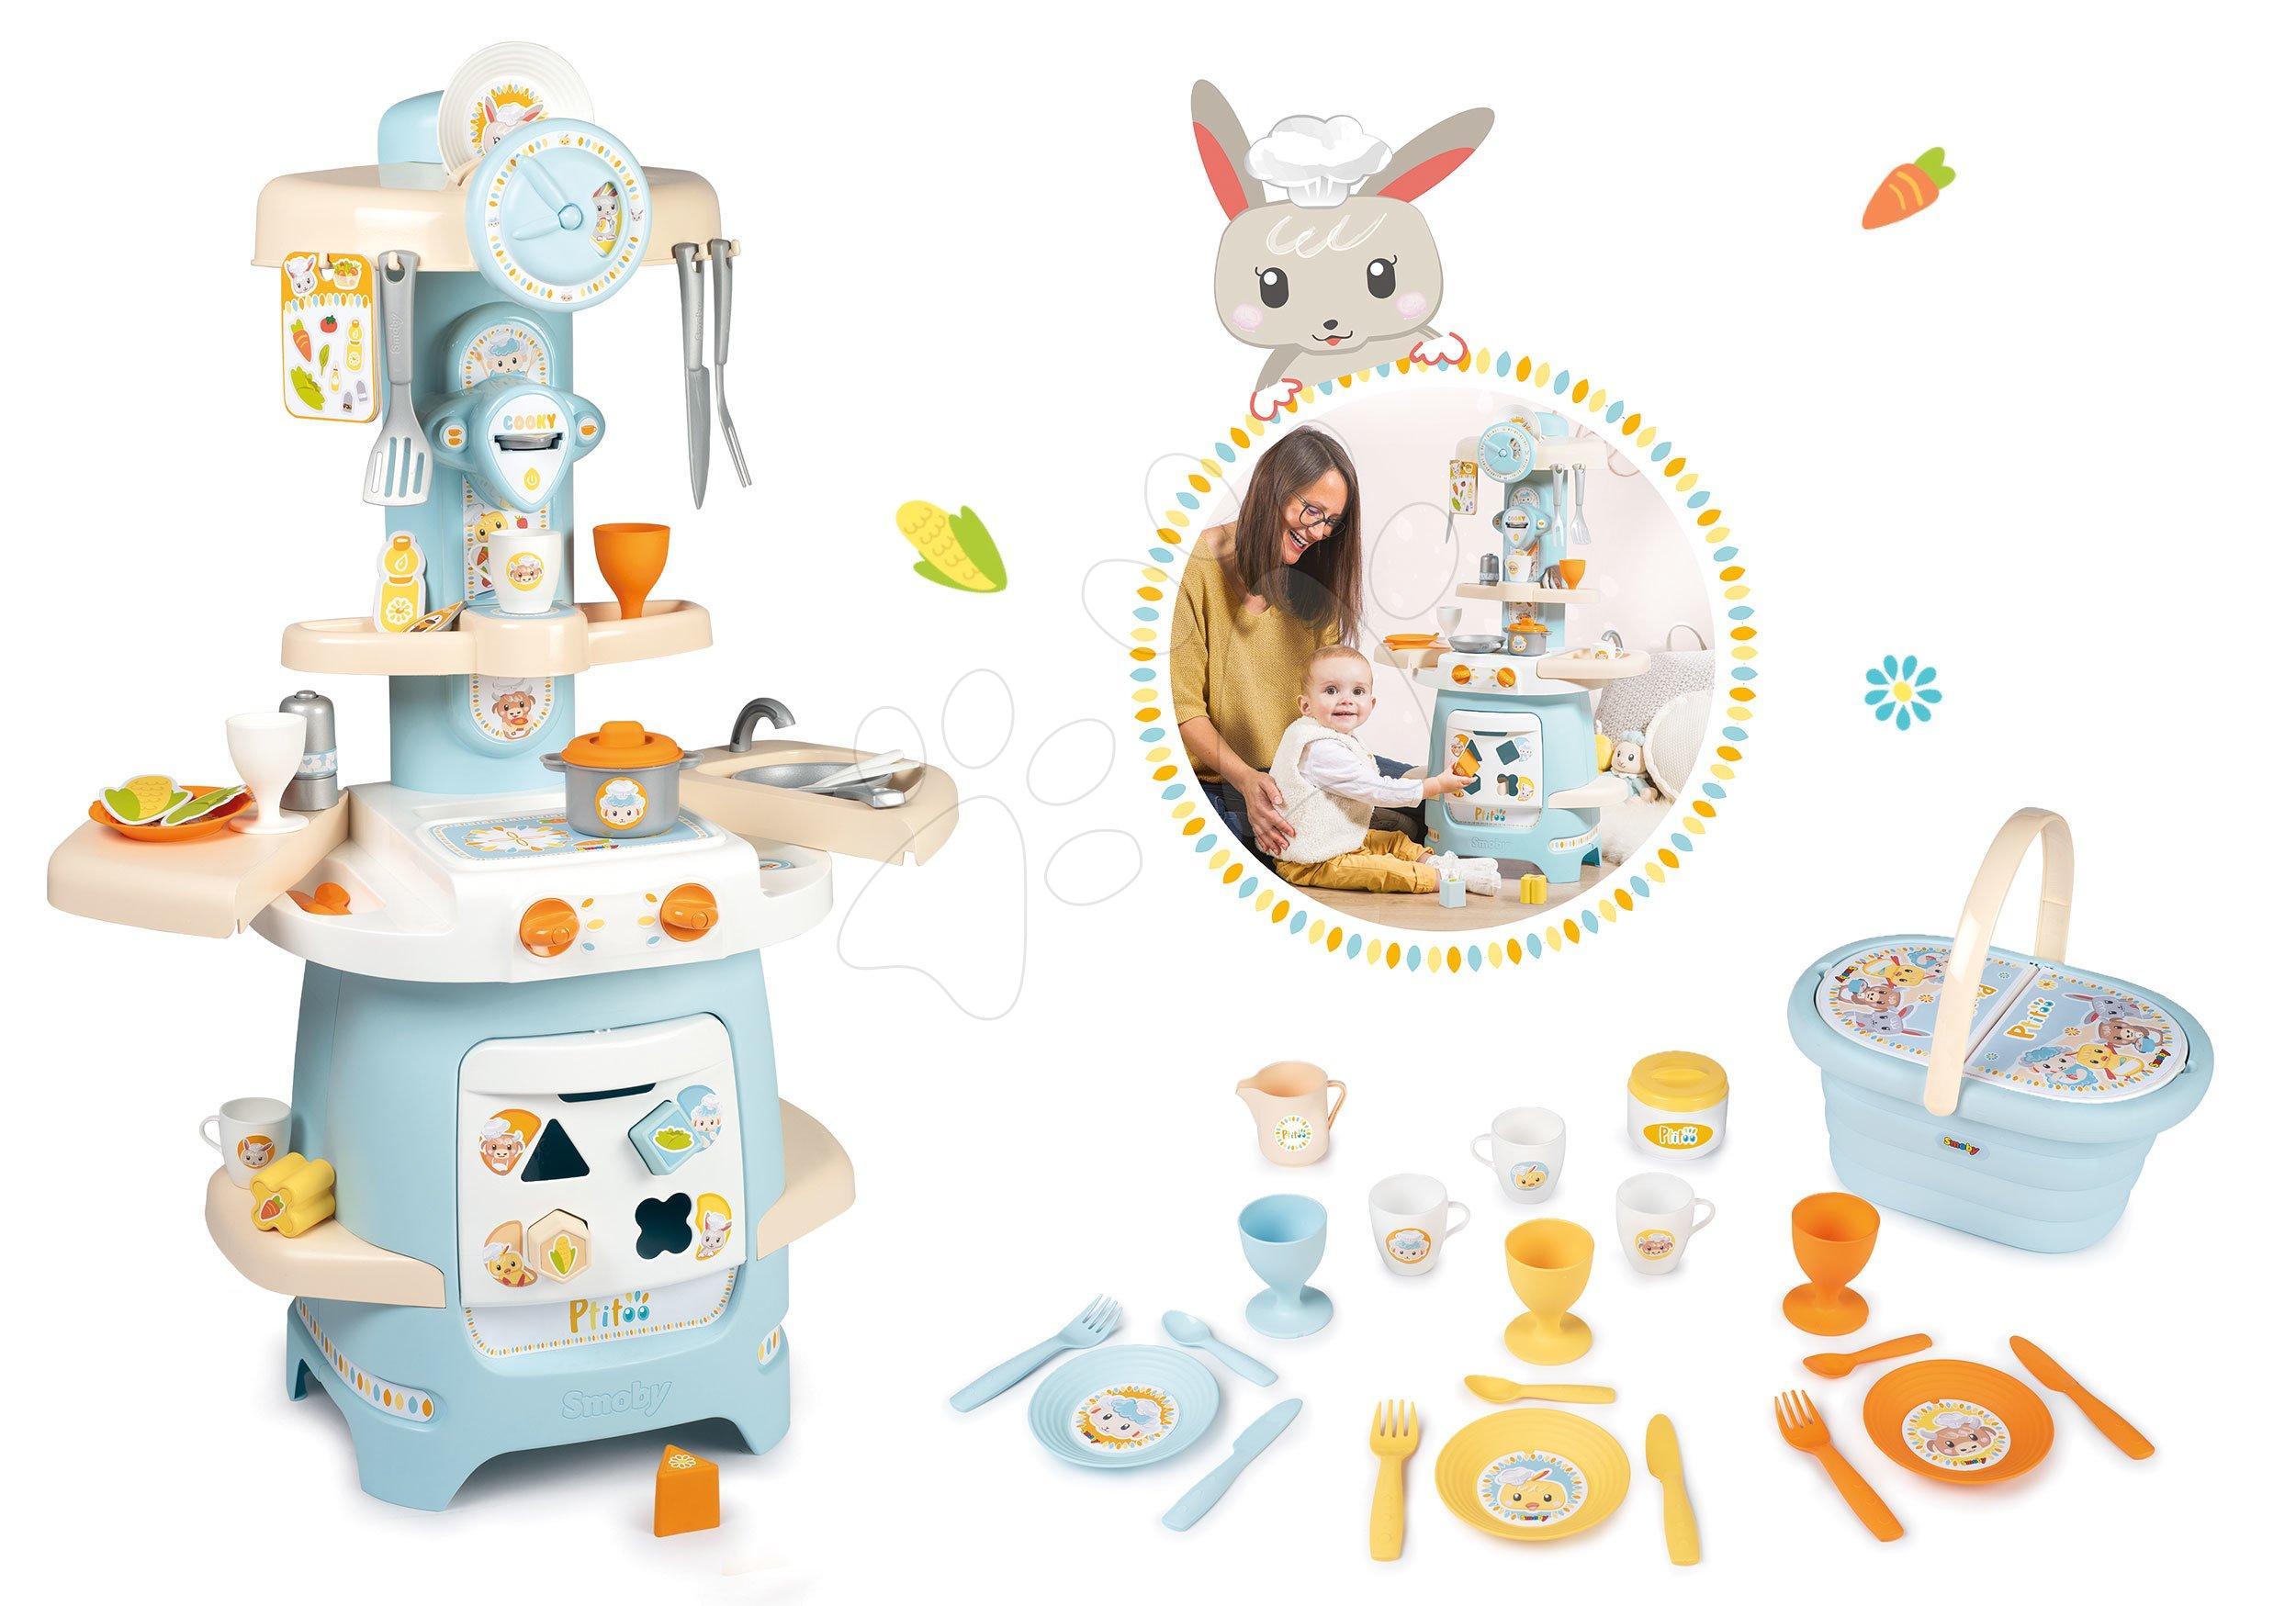 Set didaktická kuchynka pre najmenších Ptitoo Smoby s kávovarom a piknik košík s obedovou súpravou